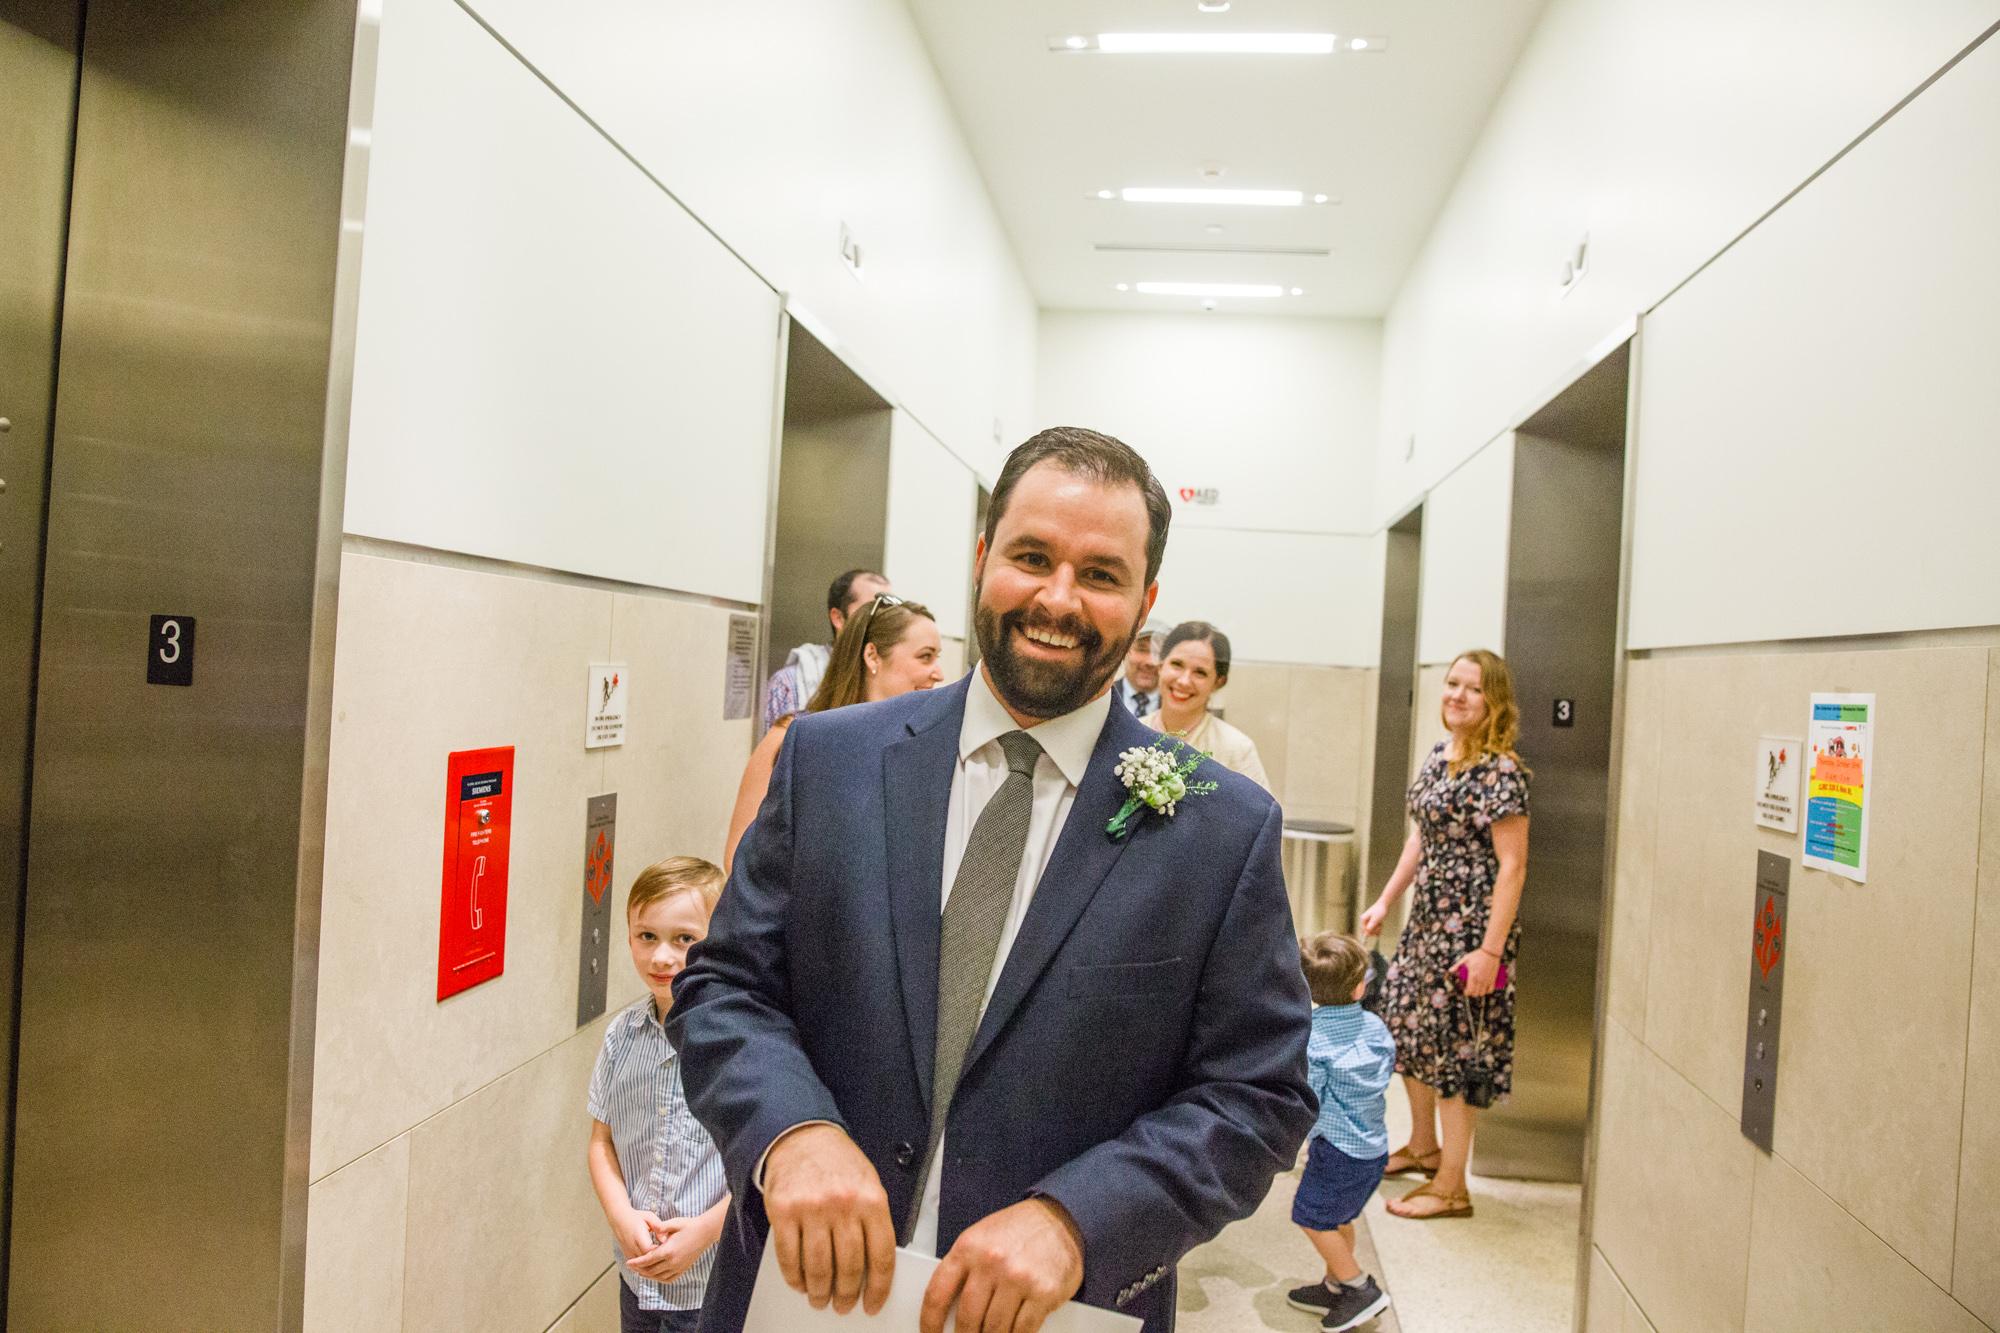 2018_10_17_mowita_drew_durham_courthouse_wedding-2521.jpg